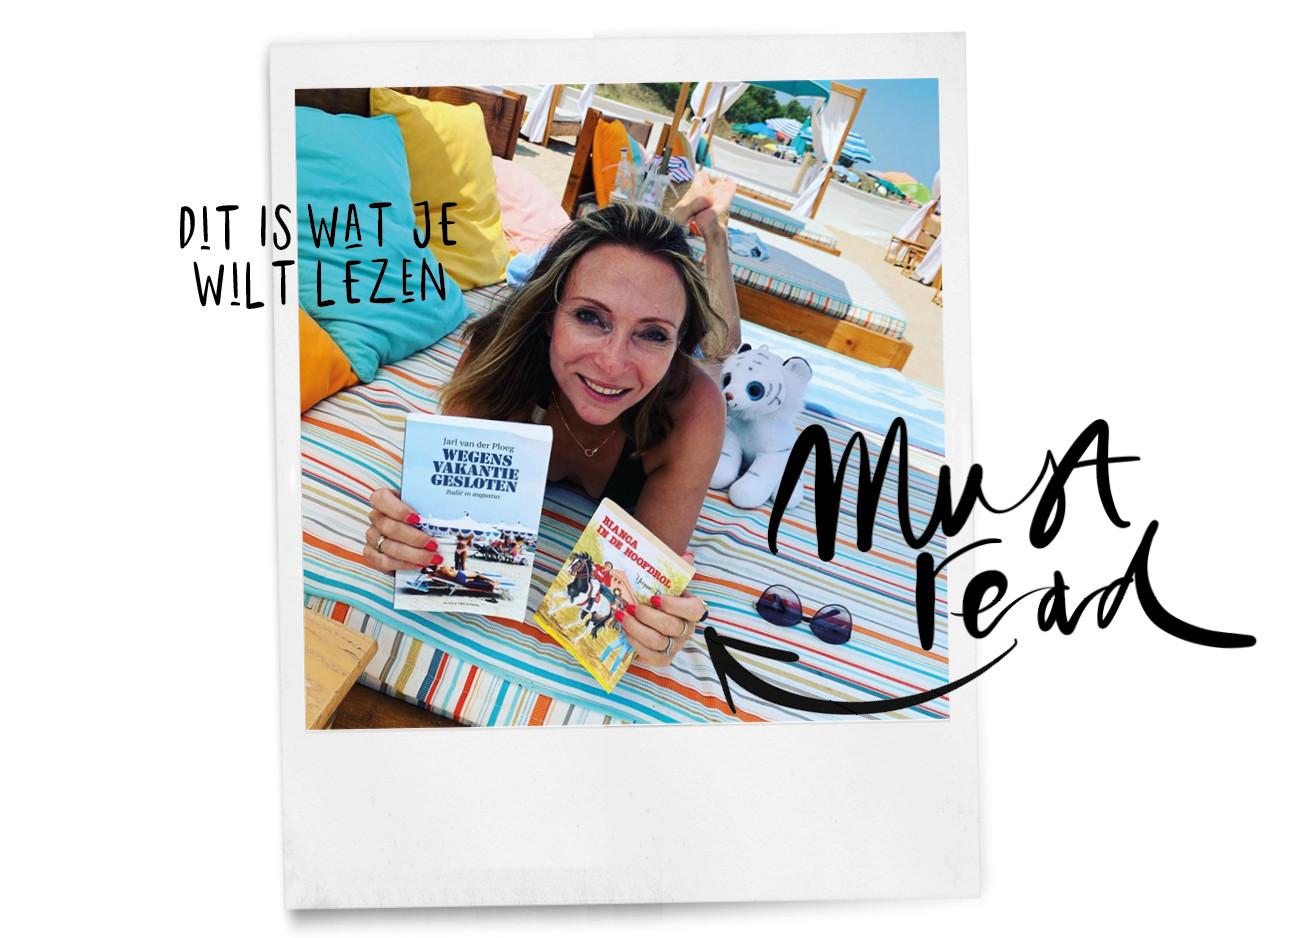 Deze zomer naar Italië may op het strand met boeken